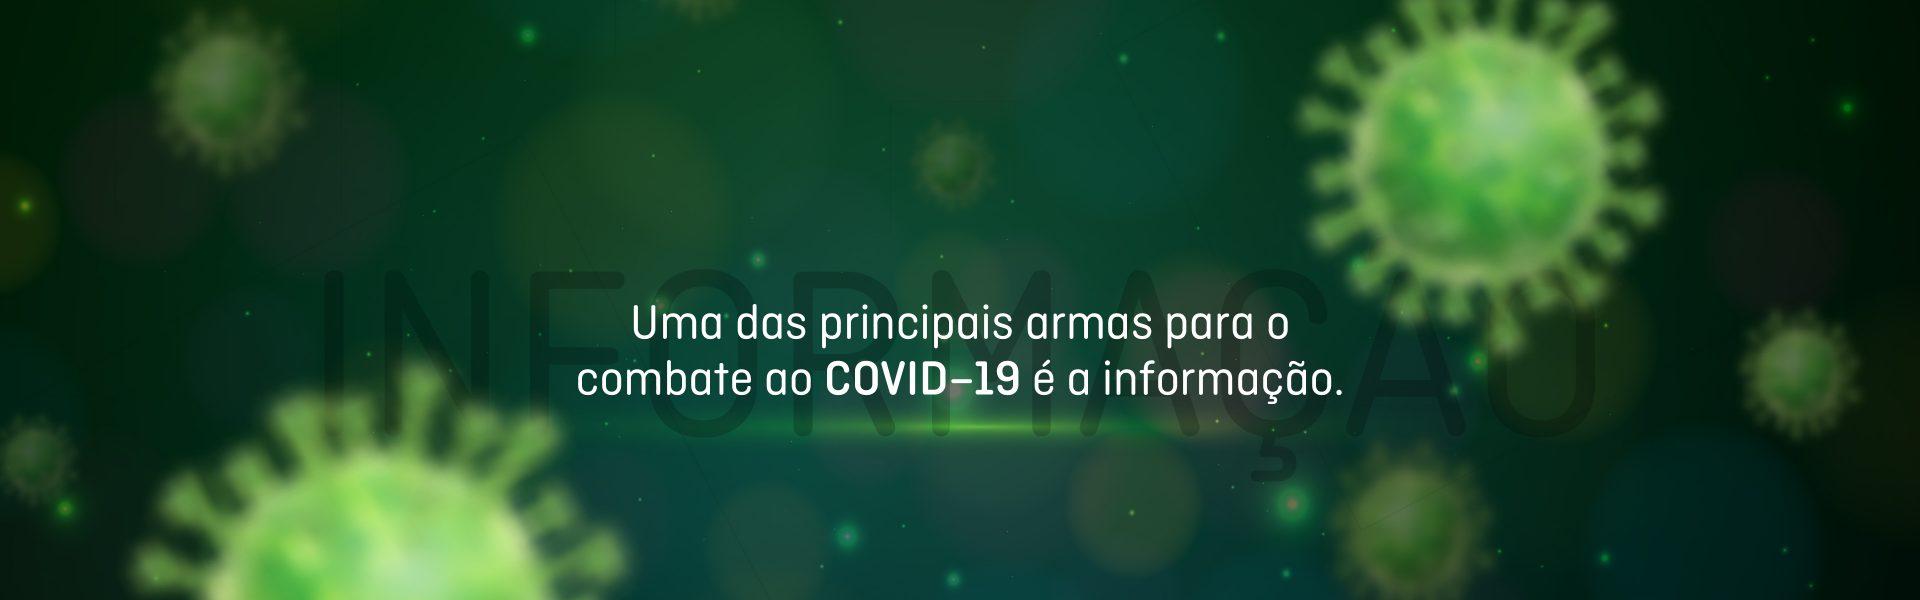 Uma das principais armas para combater o COVID – 19 é a informação.